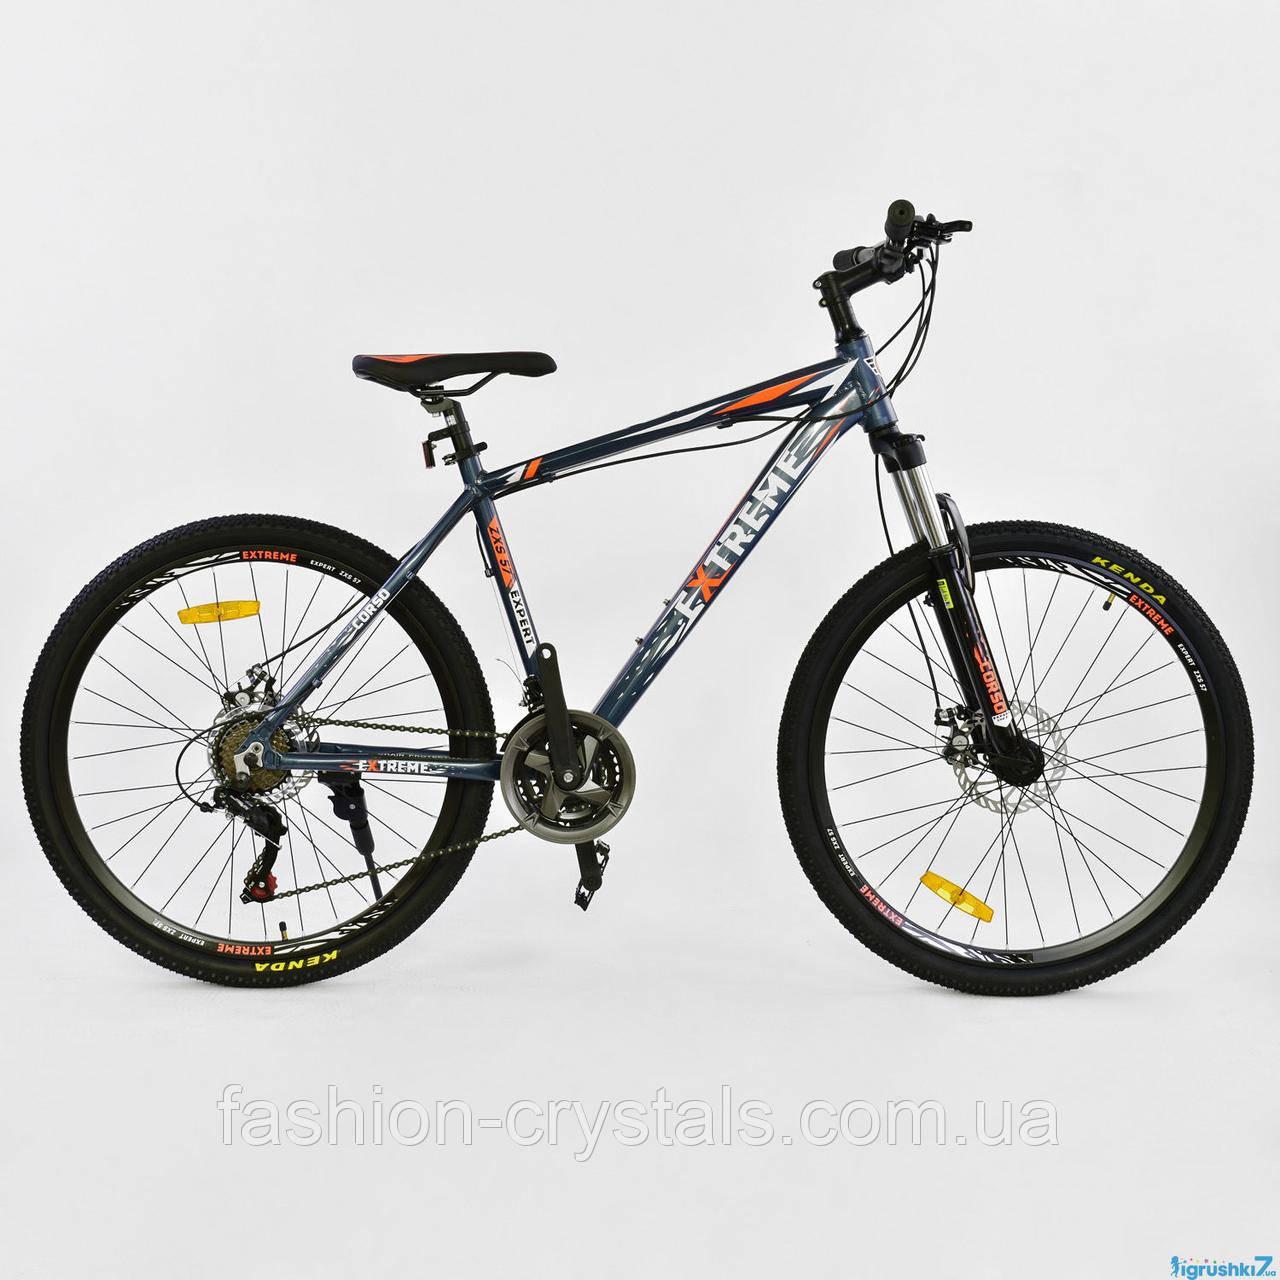 Спортивный велосипед Corso extreme 26  дюймов синий